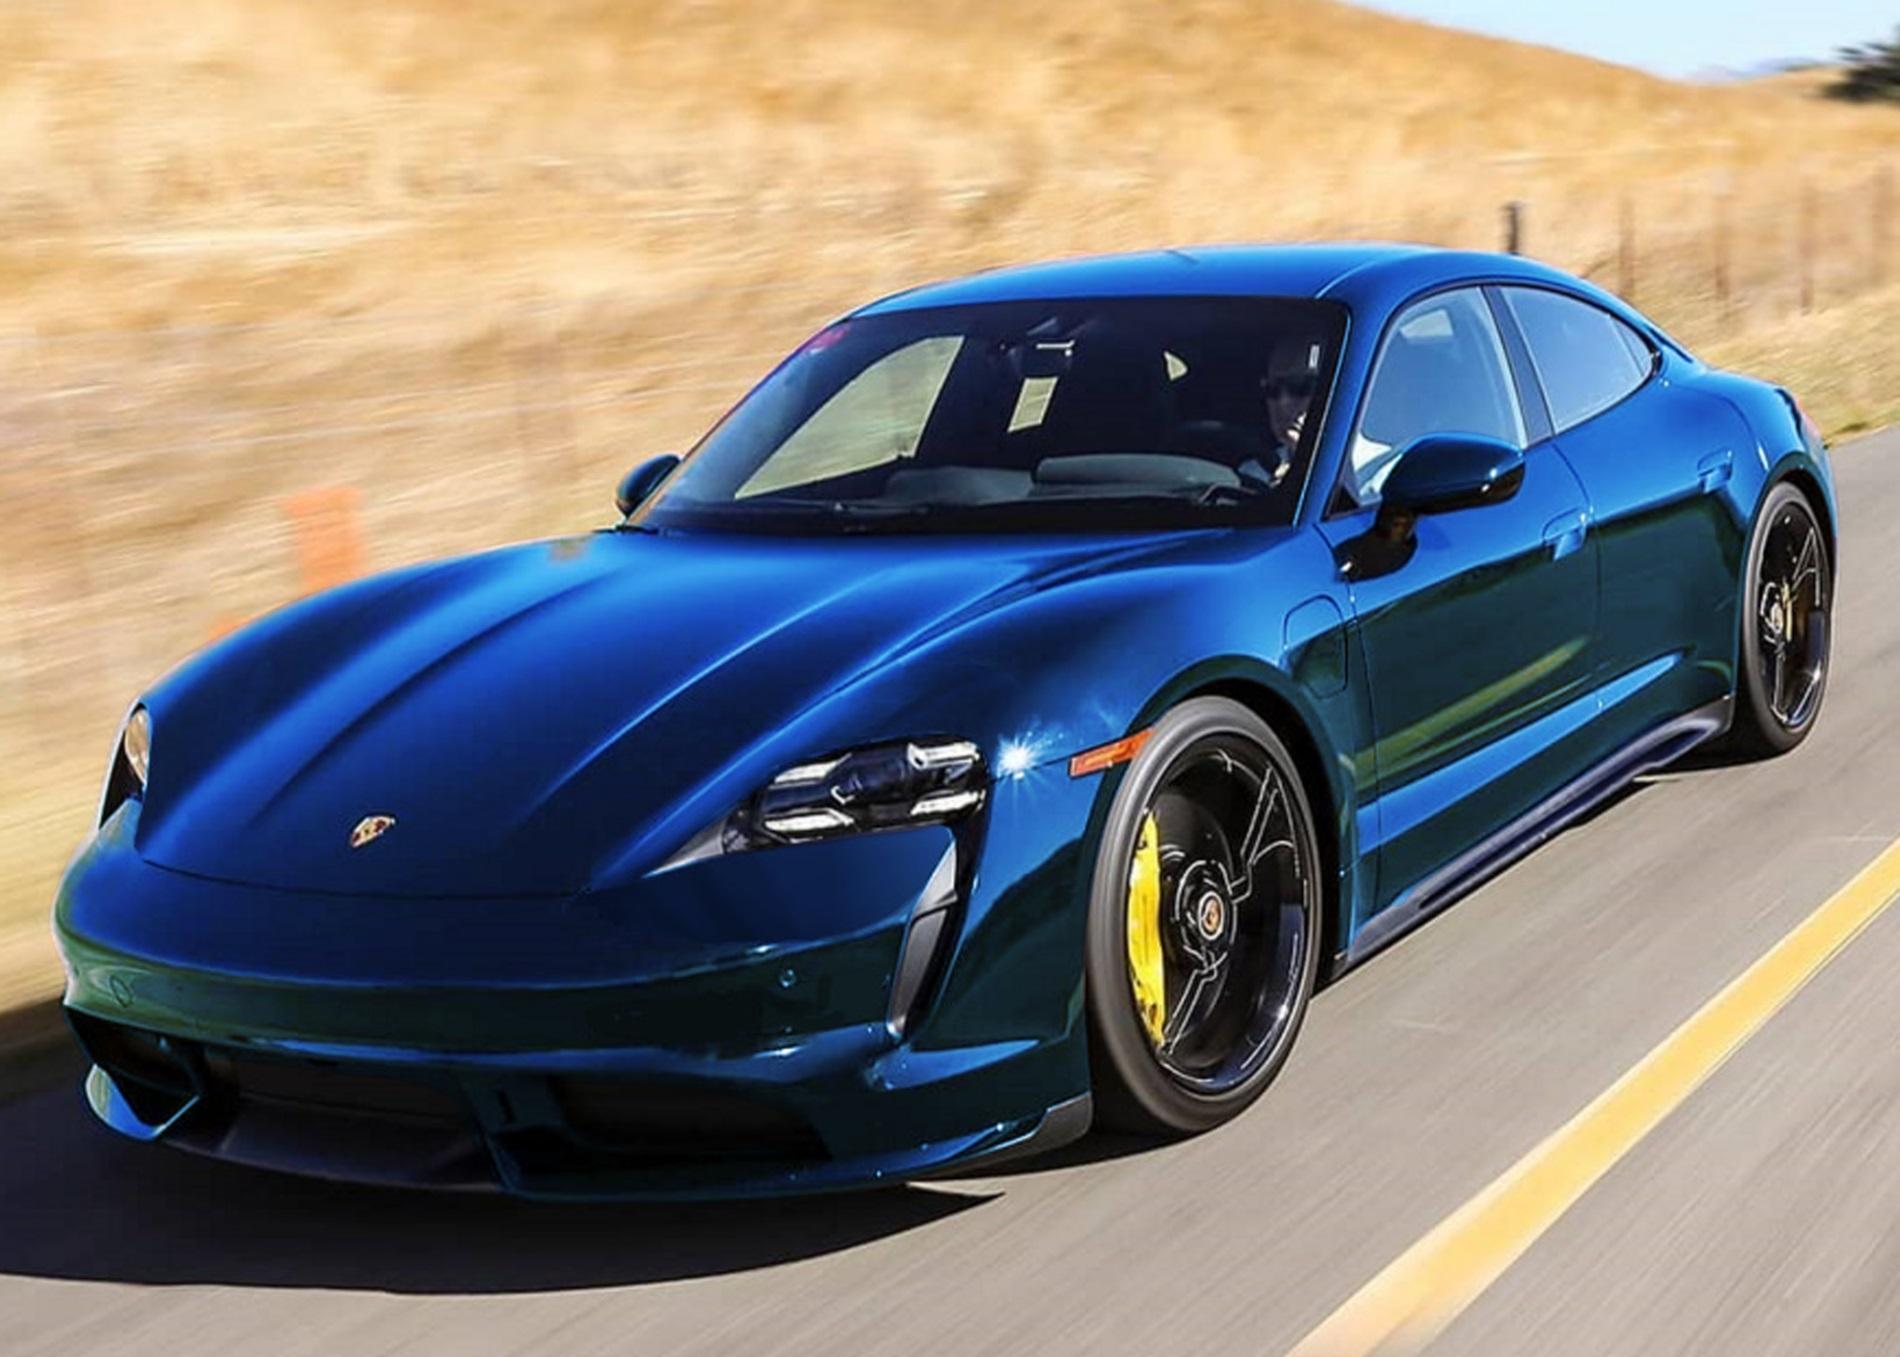 Porsche-Taycan-renderings-4